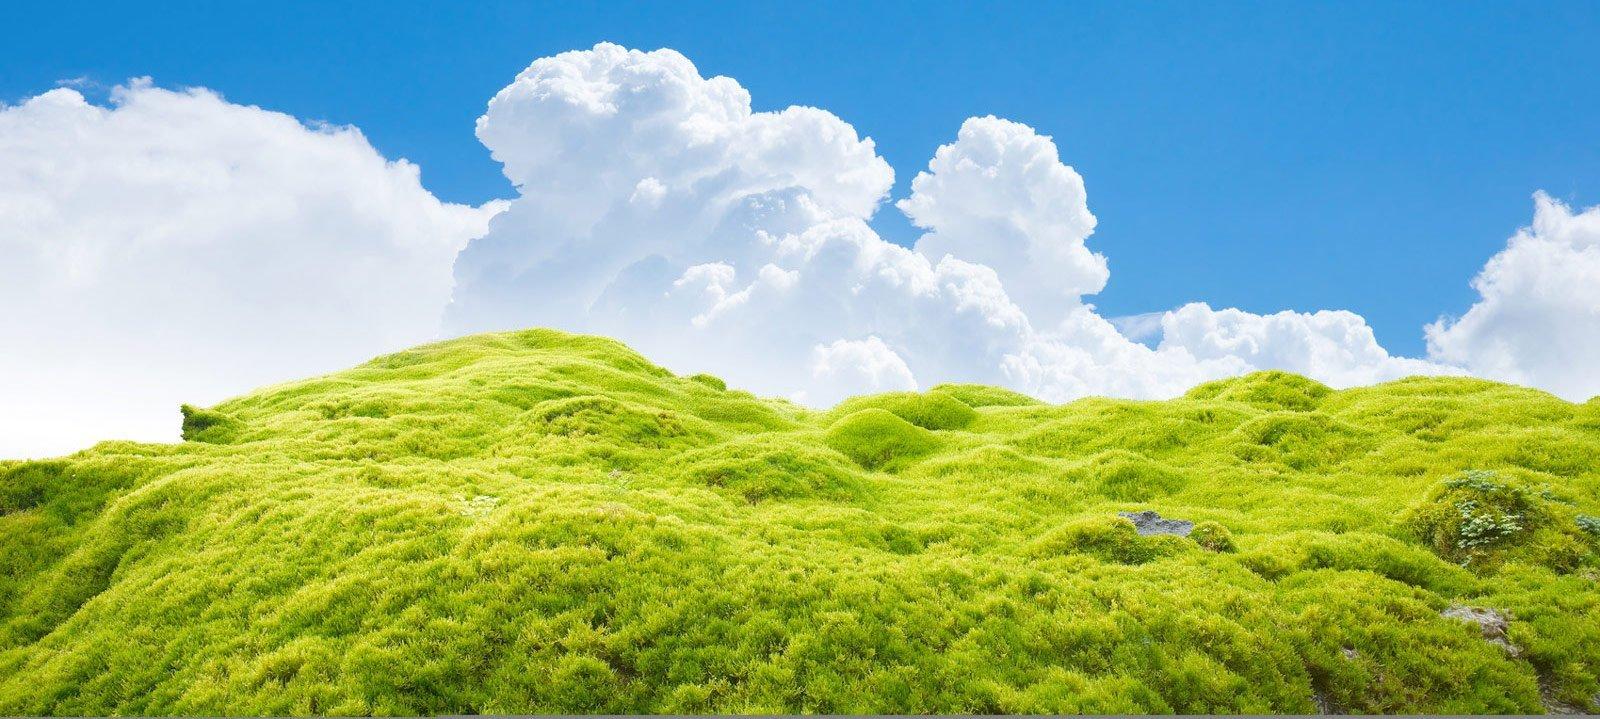 Moosbild.com Moosbilder & Pflanzenbilder die natürliche Dekoration.